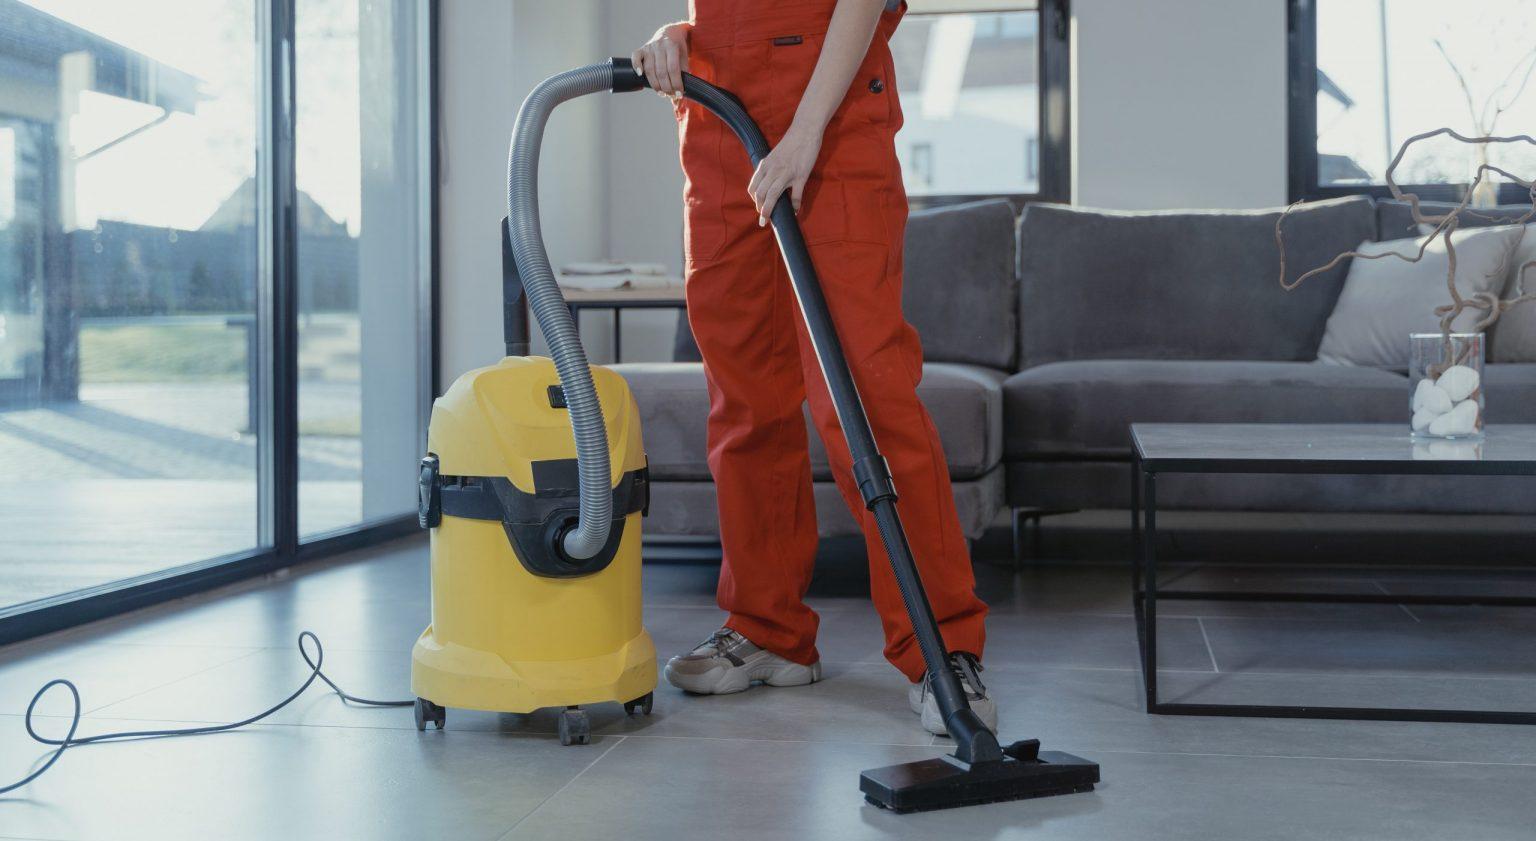 pranie tapicerek i tkanin metodą ekstrakcyjną - banner - kobieta w pomarańczowym stroju odkurzająca podłogę obok niej stoi żółty odkurzacz